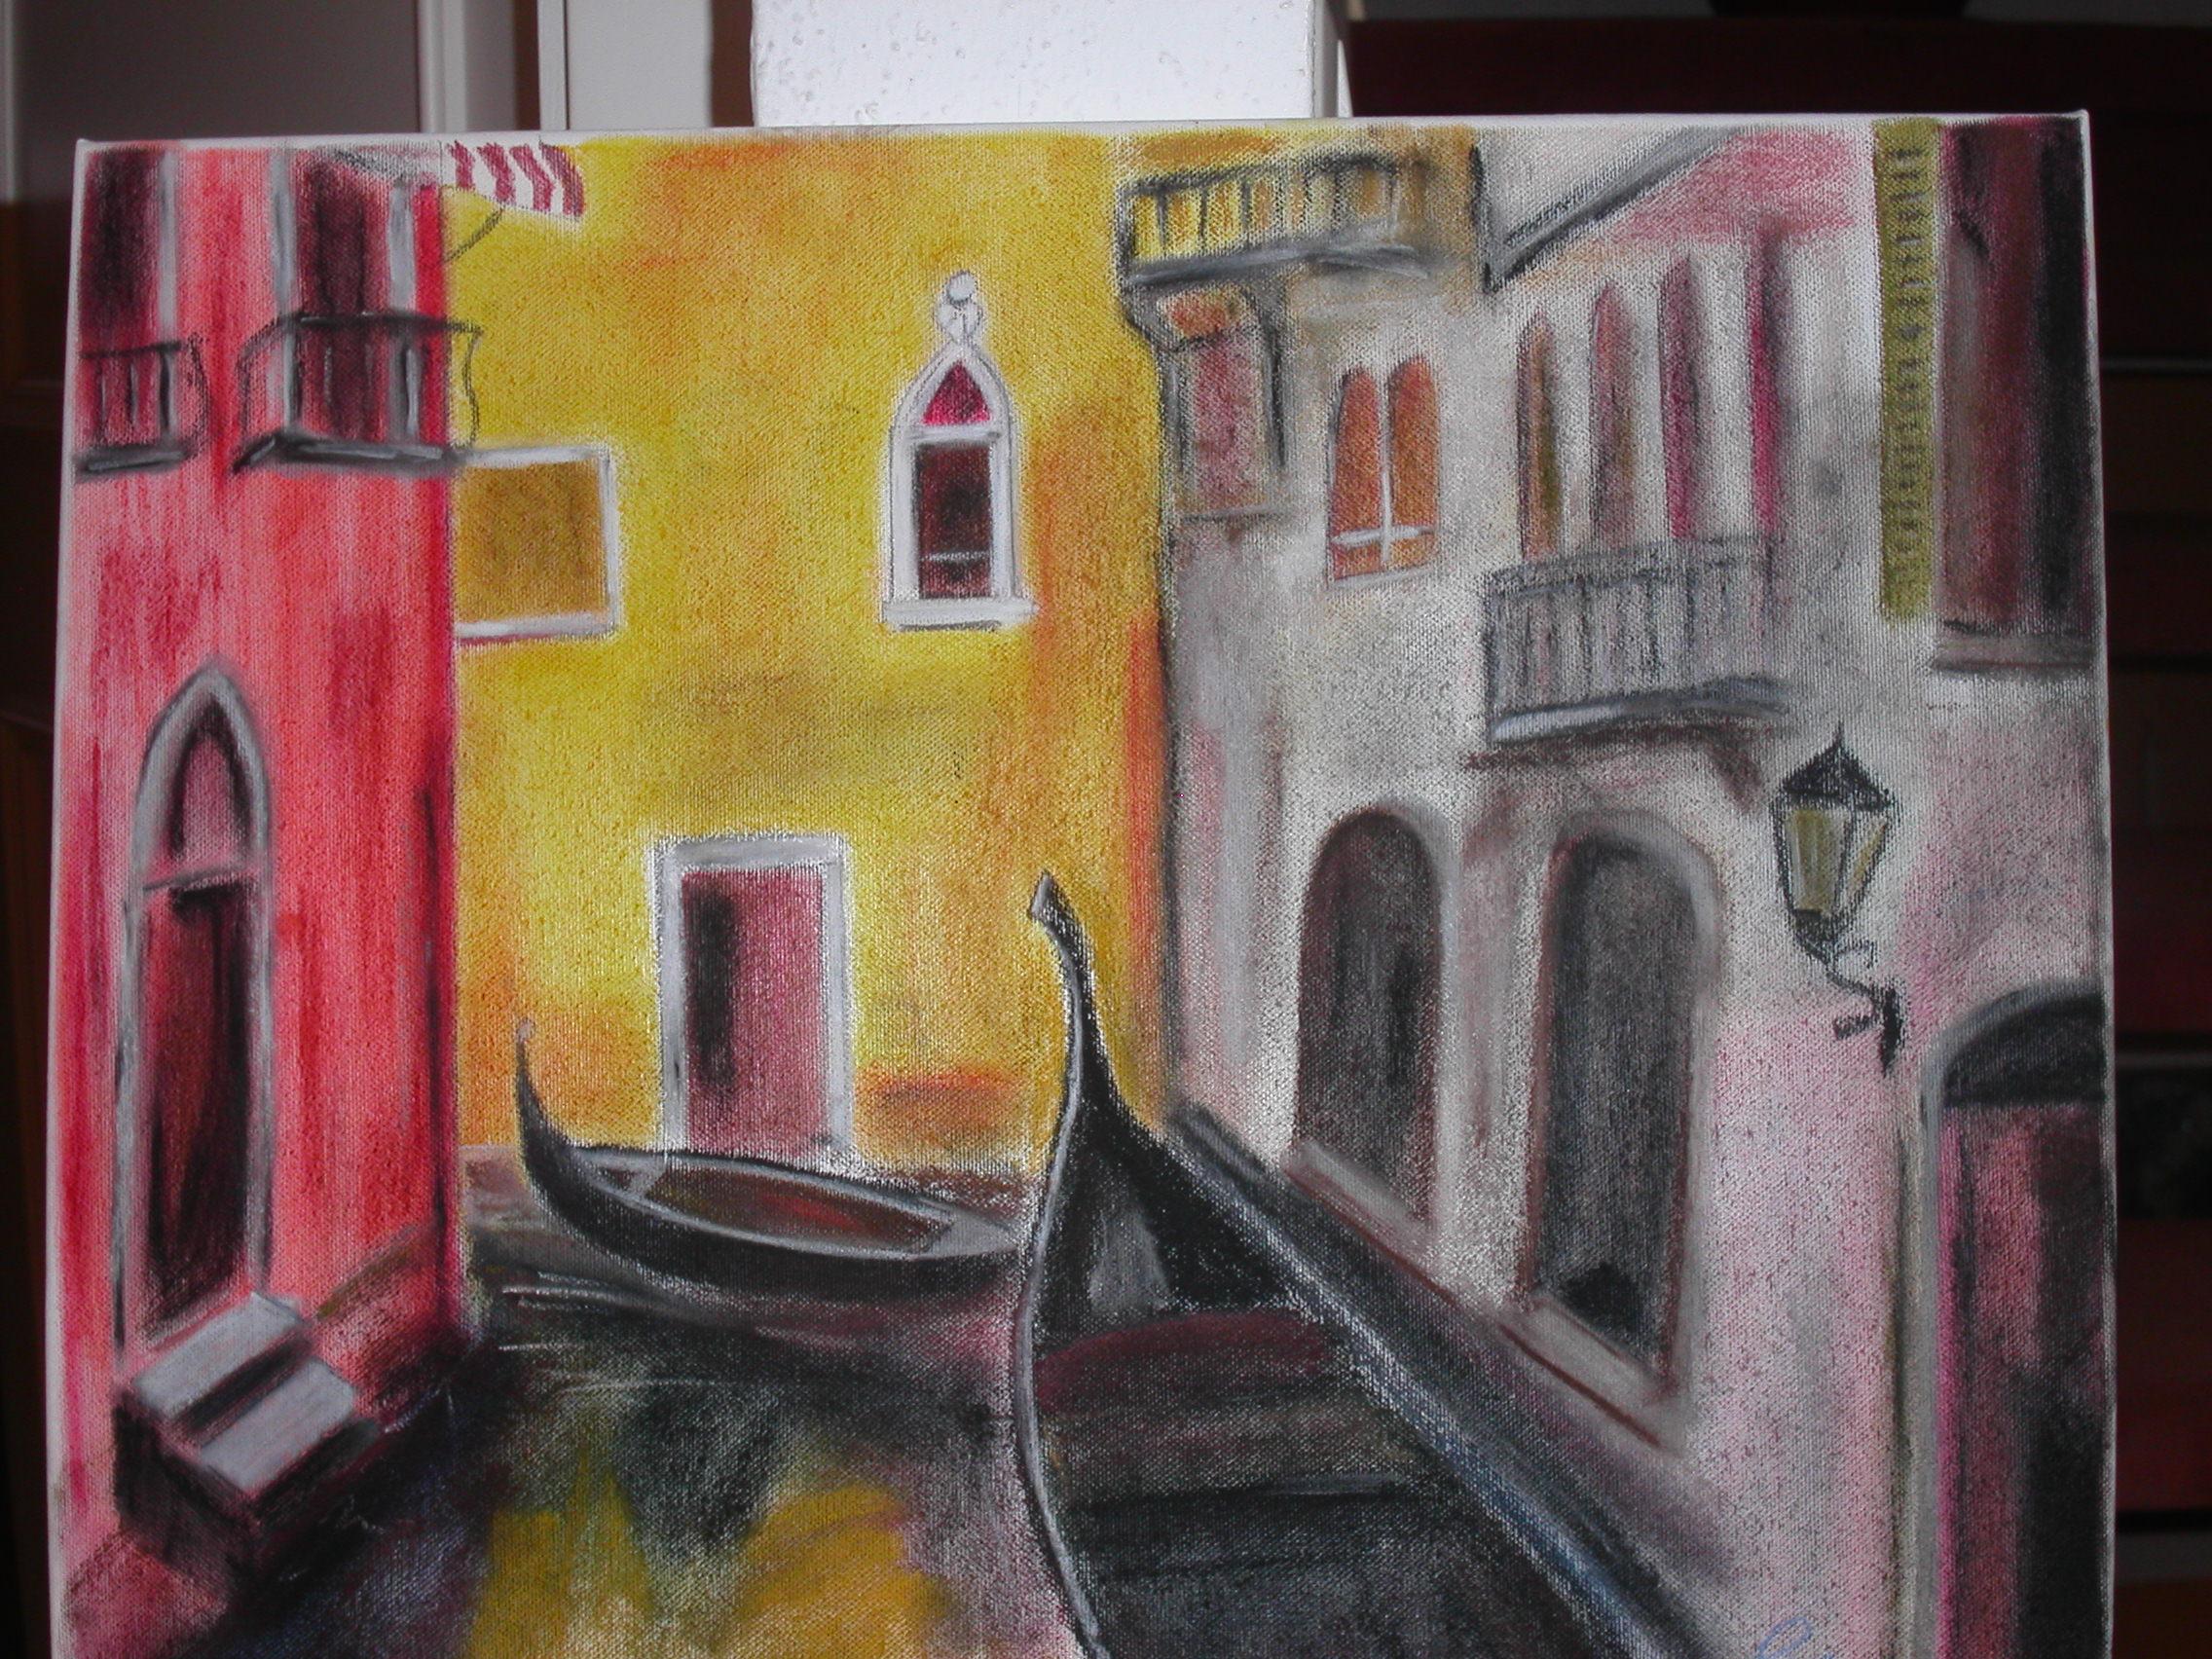 Venedig August 2005